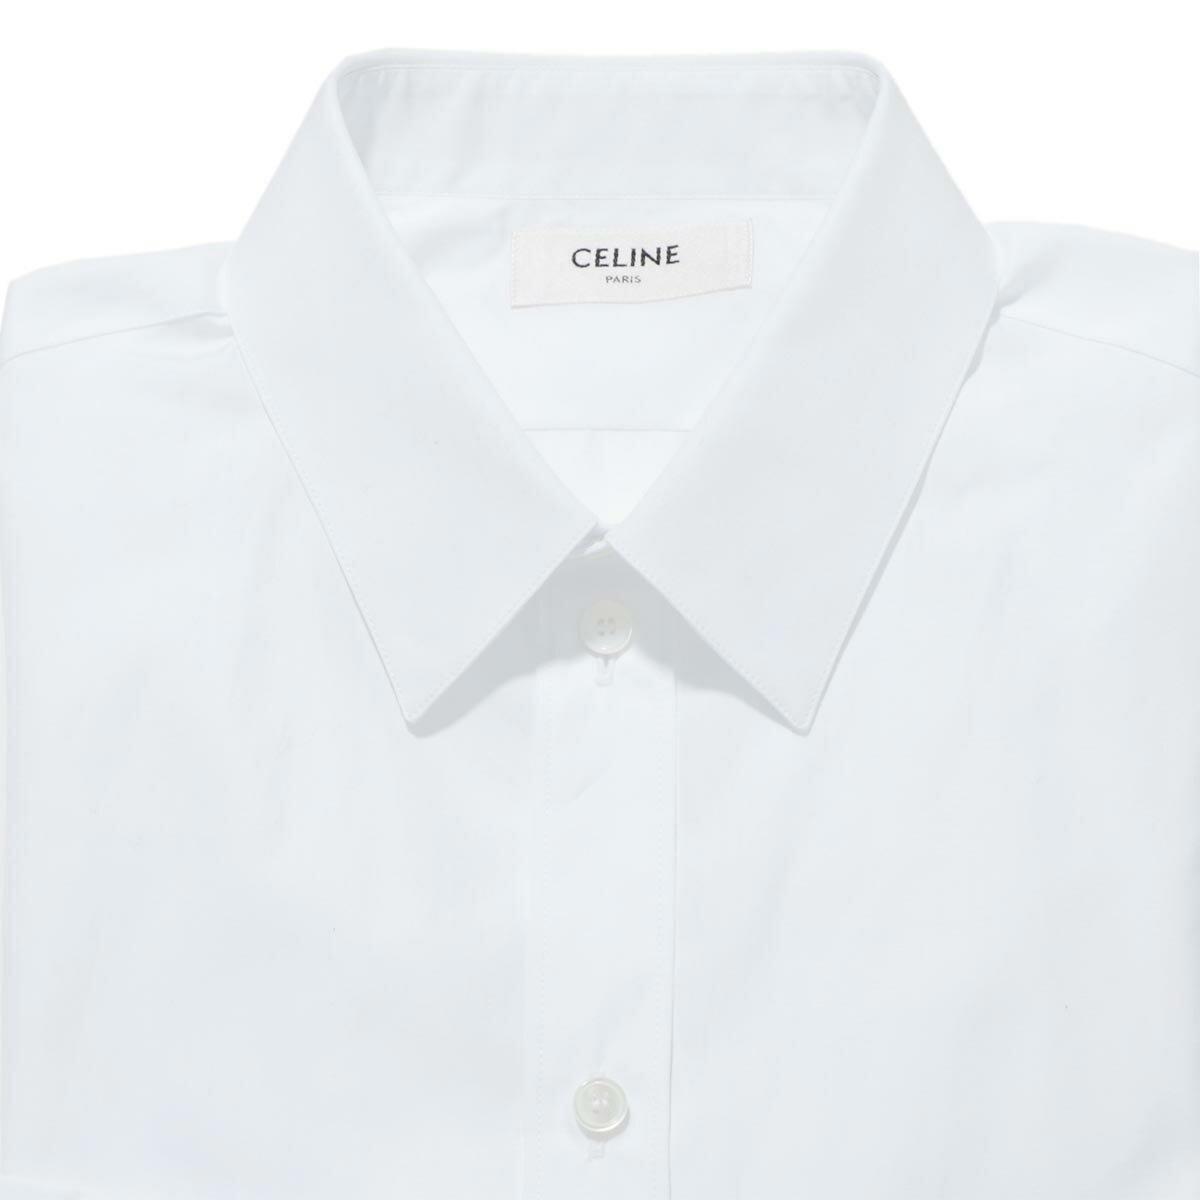 トップス, カジュアルシャツ  CELINE 2c154 091f 01bc CLASSIC SHIRT